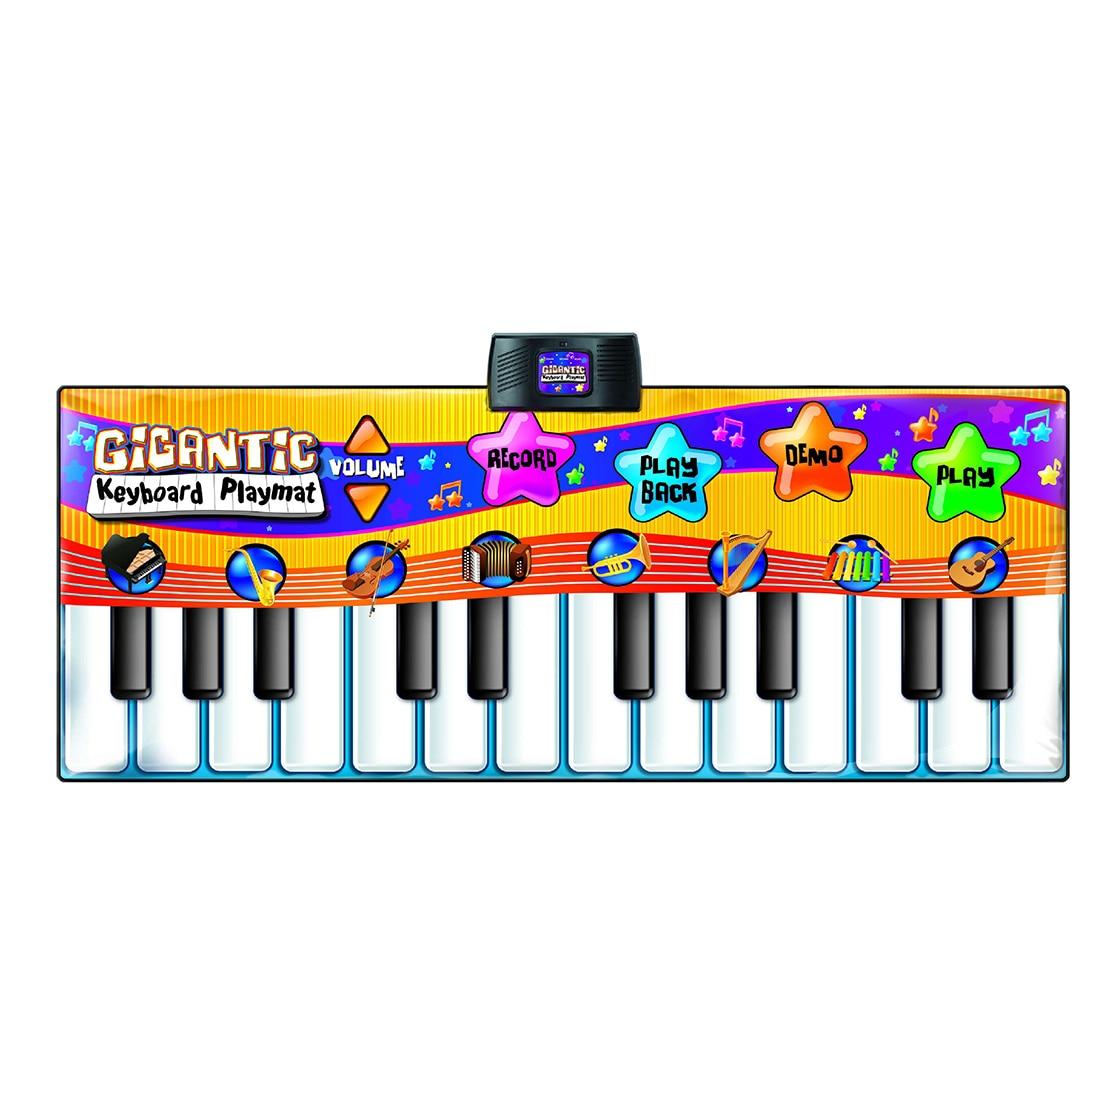 Tapis de danse Piano musique bébé tapis de jeu jouet avec 24 clés pour les enfants apprenant la musique Support enfant jeu Kit livraison directe